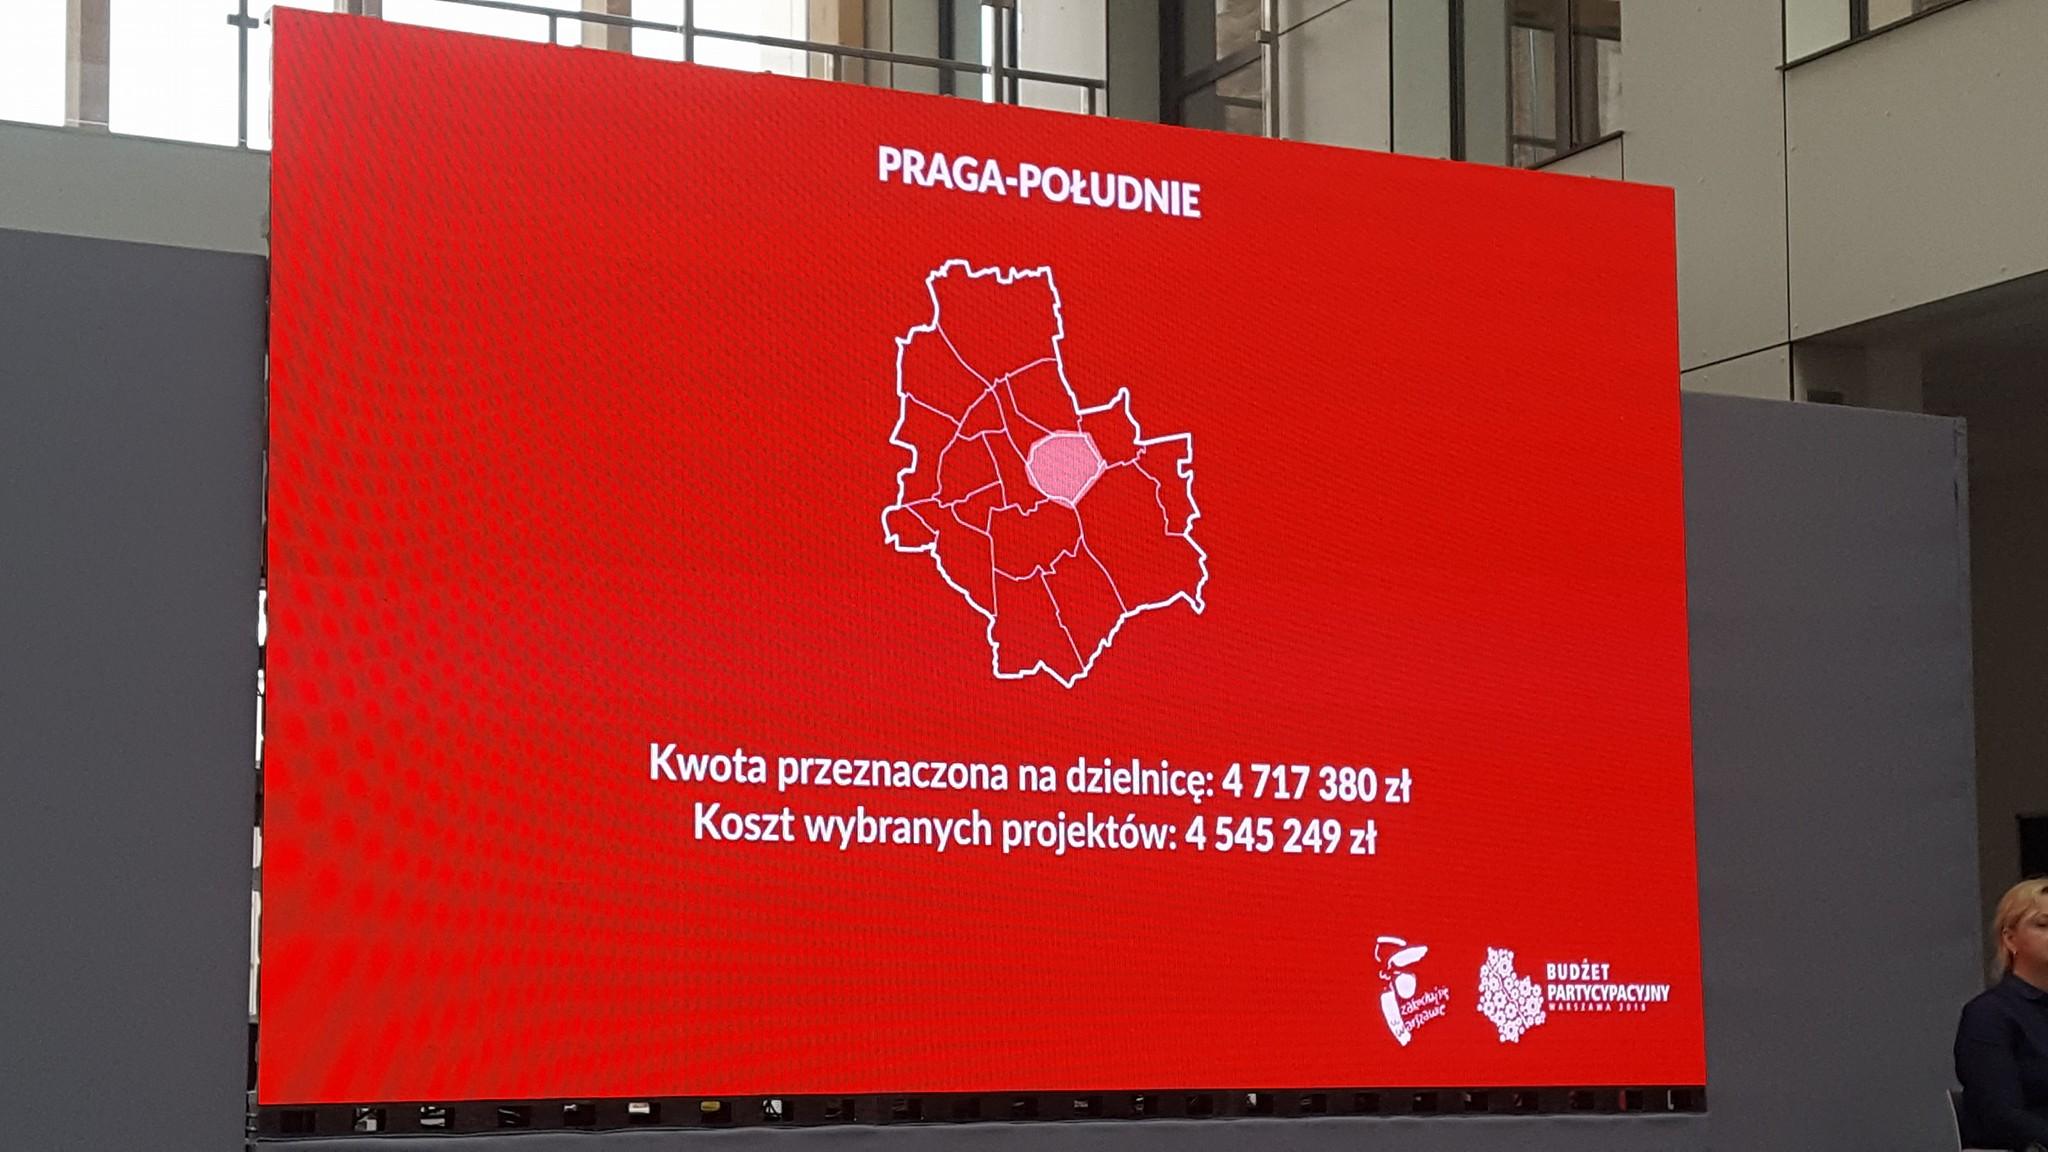 Budżet partycypacyjny - wybrane projekty dla Grochowa na rok 2018